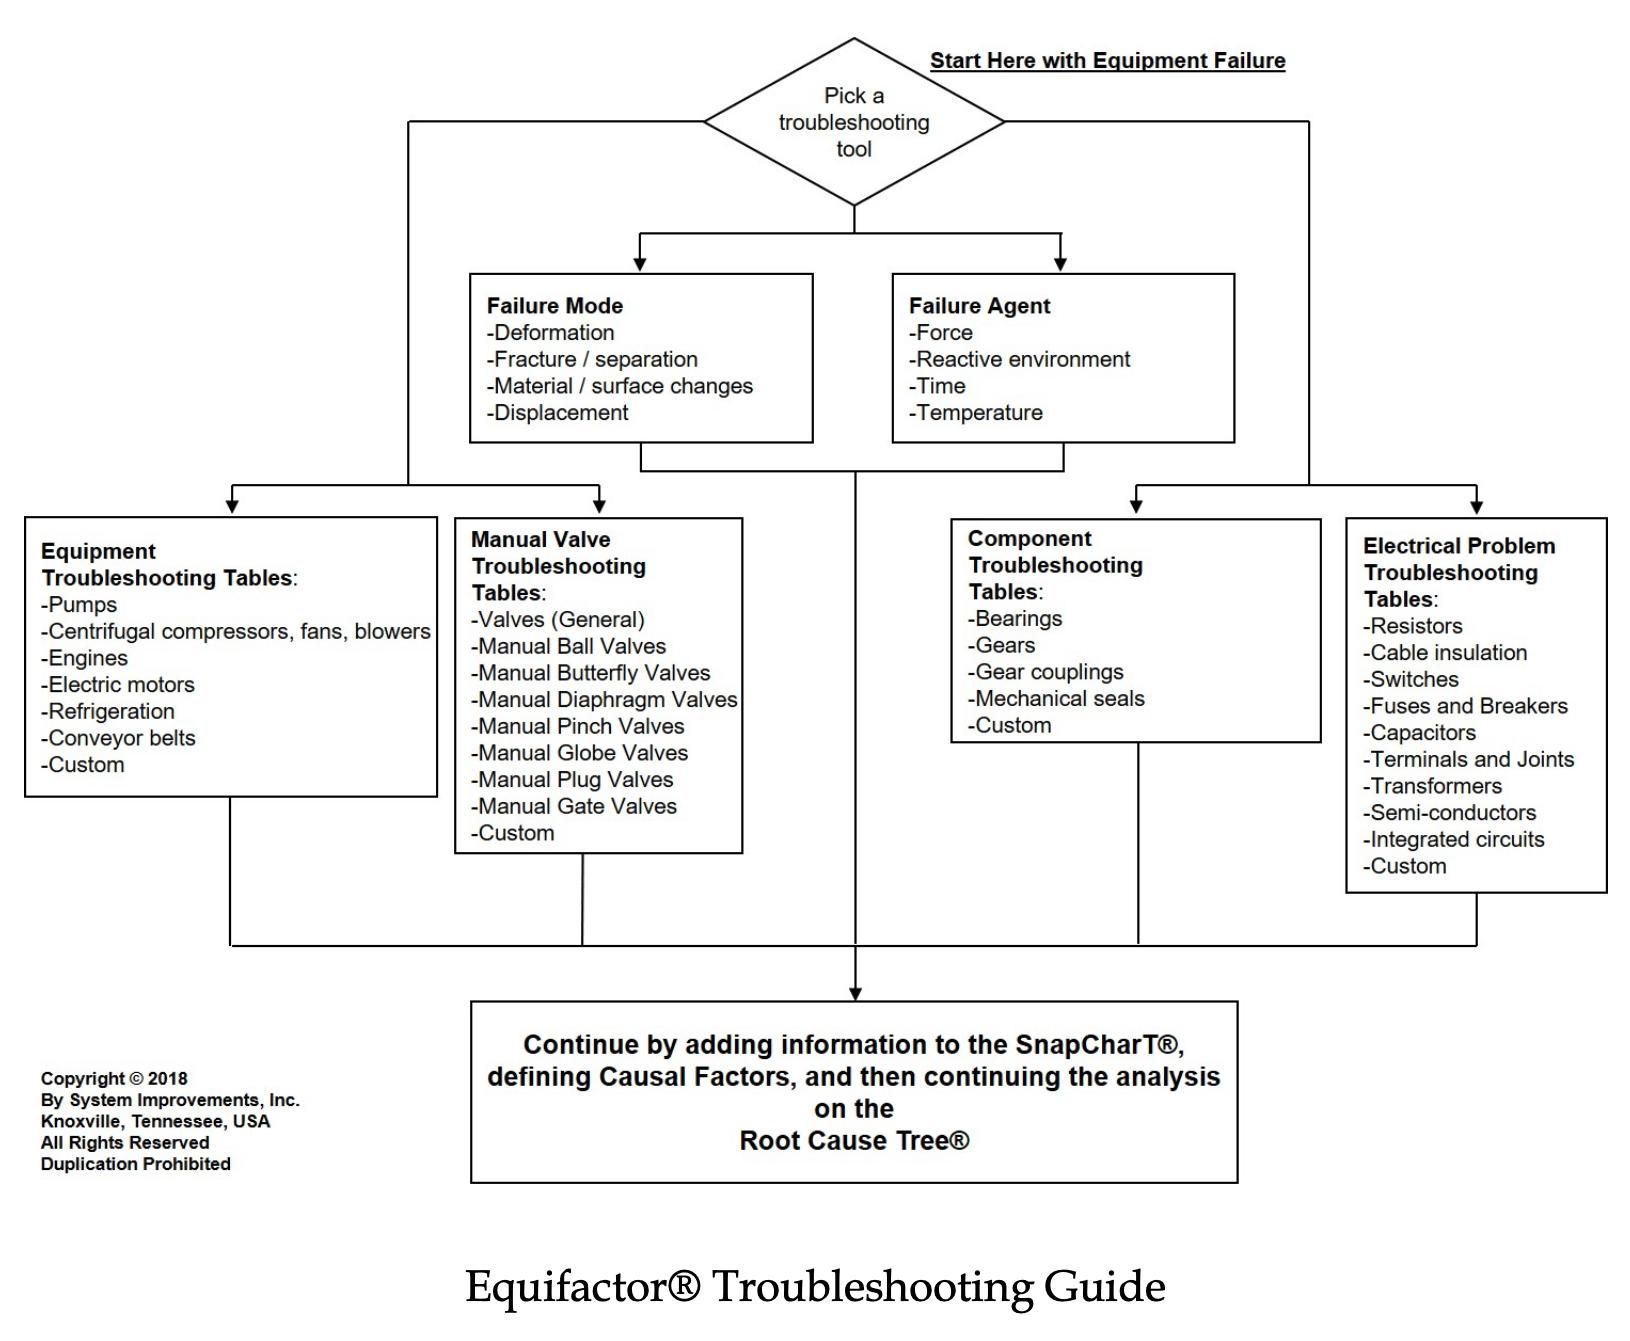 Fishbone Diaphragm Root Cause Analysis Identifying Manual Guide